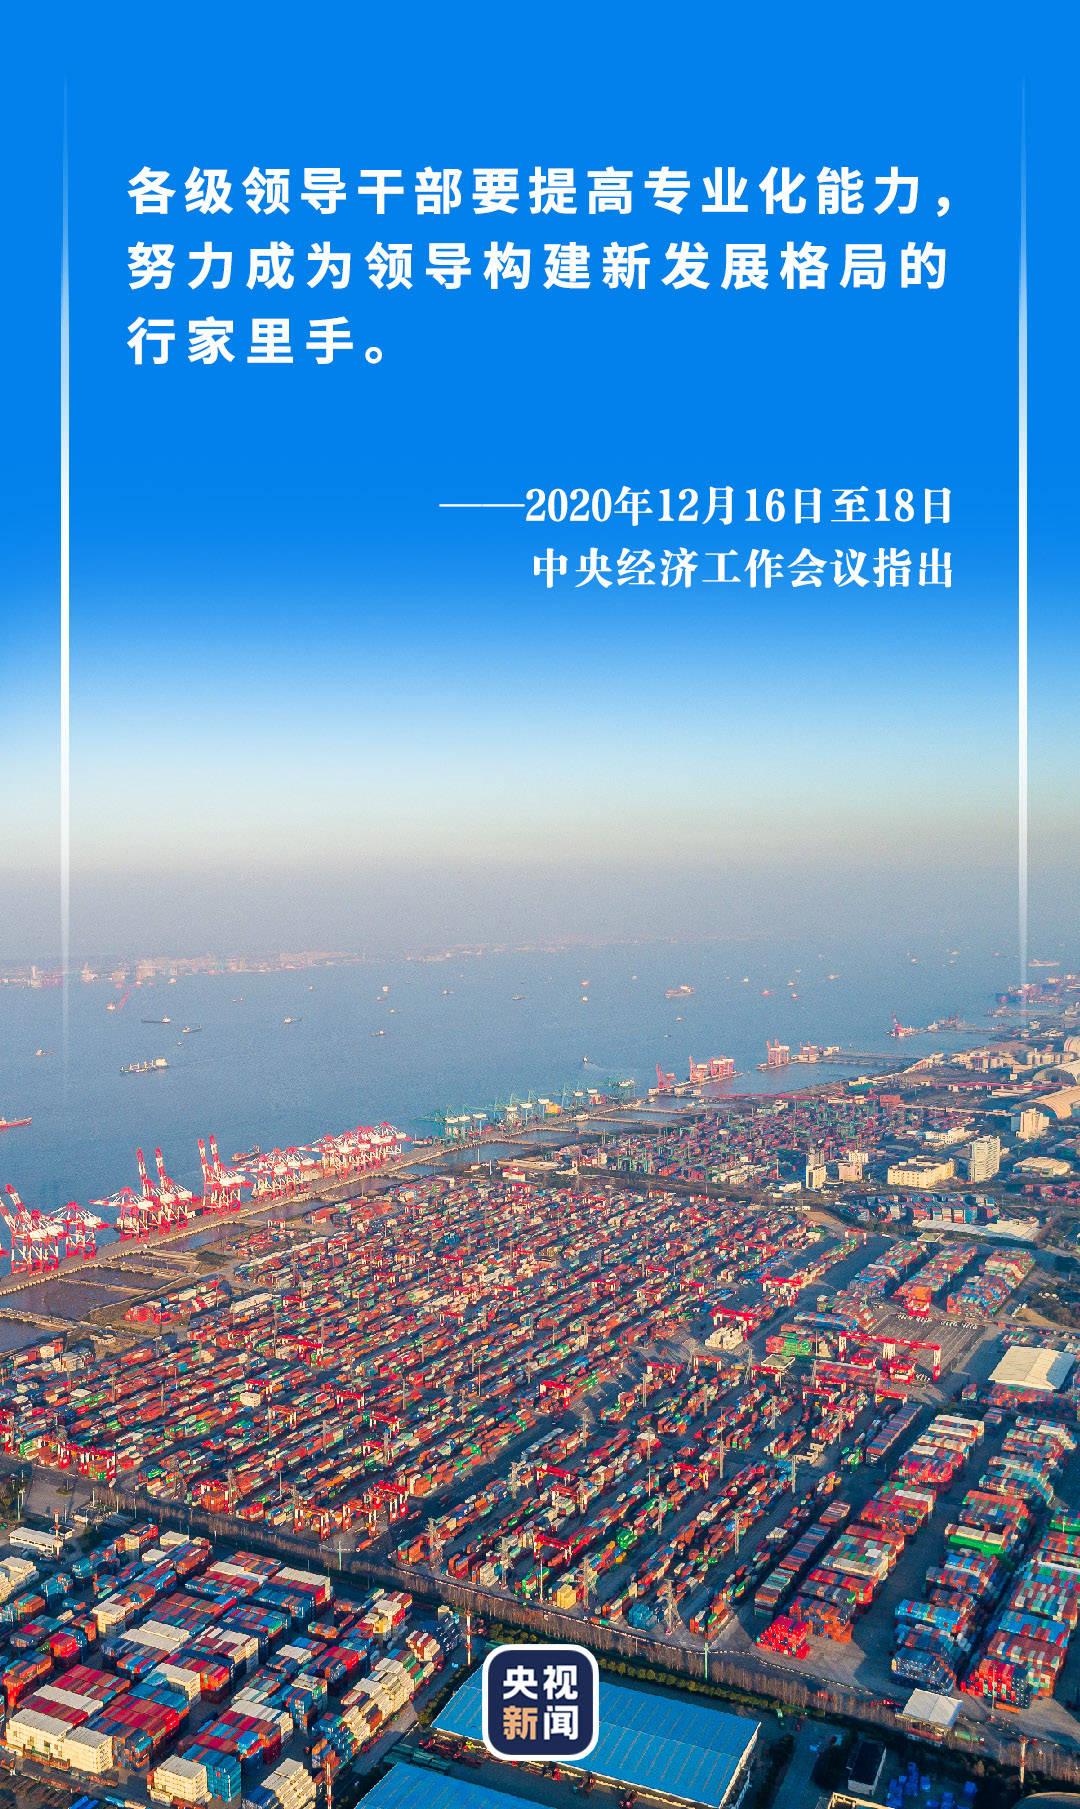 祁阳县2021年GDP_2025年祁阳县规划图